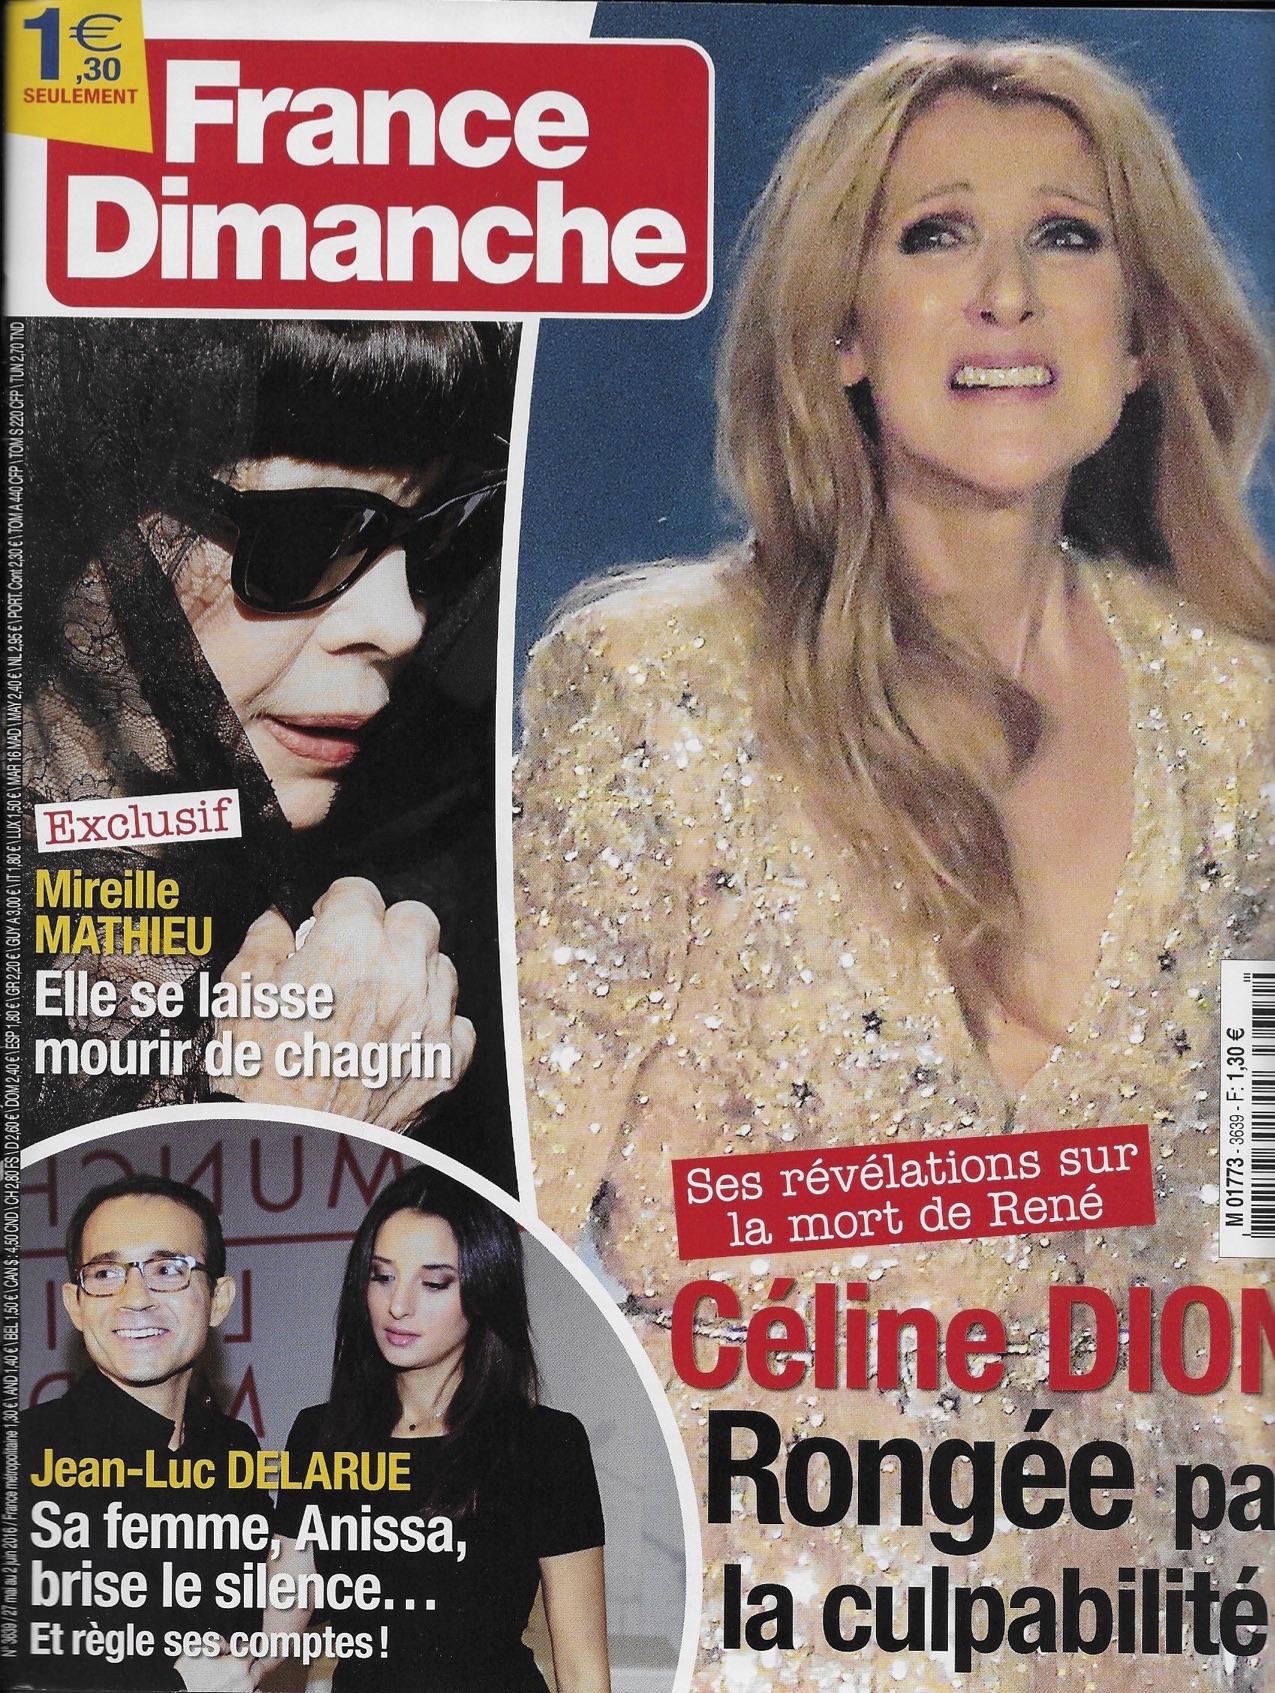 France Dimanche - Juin 2016 (   Lien   )